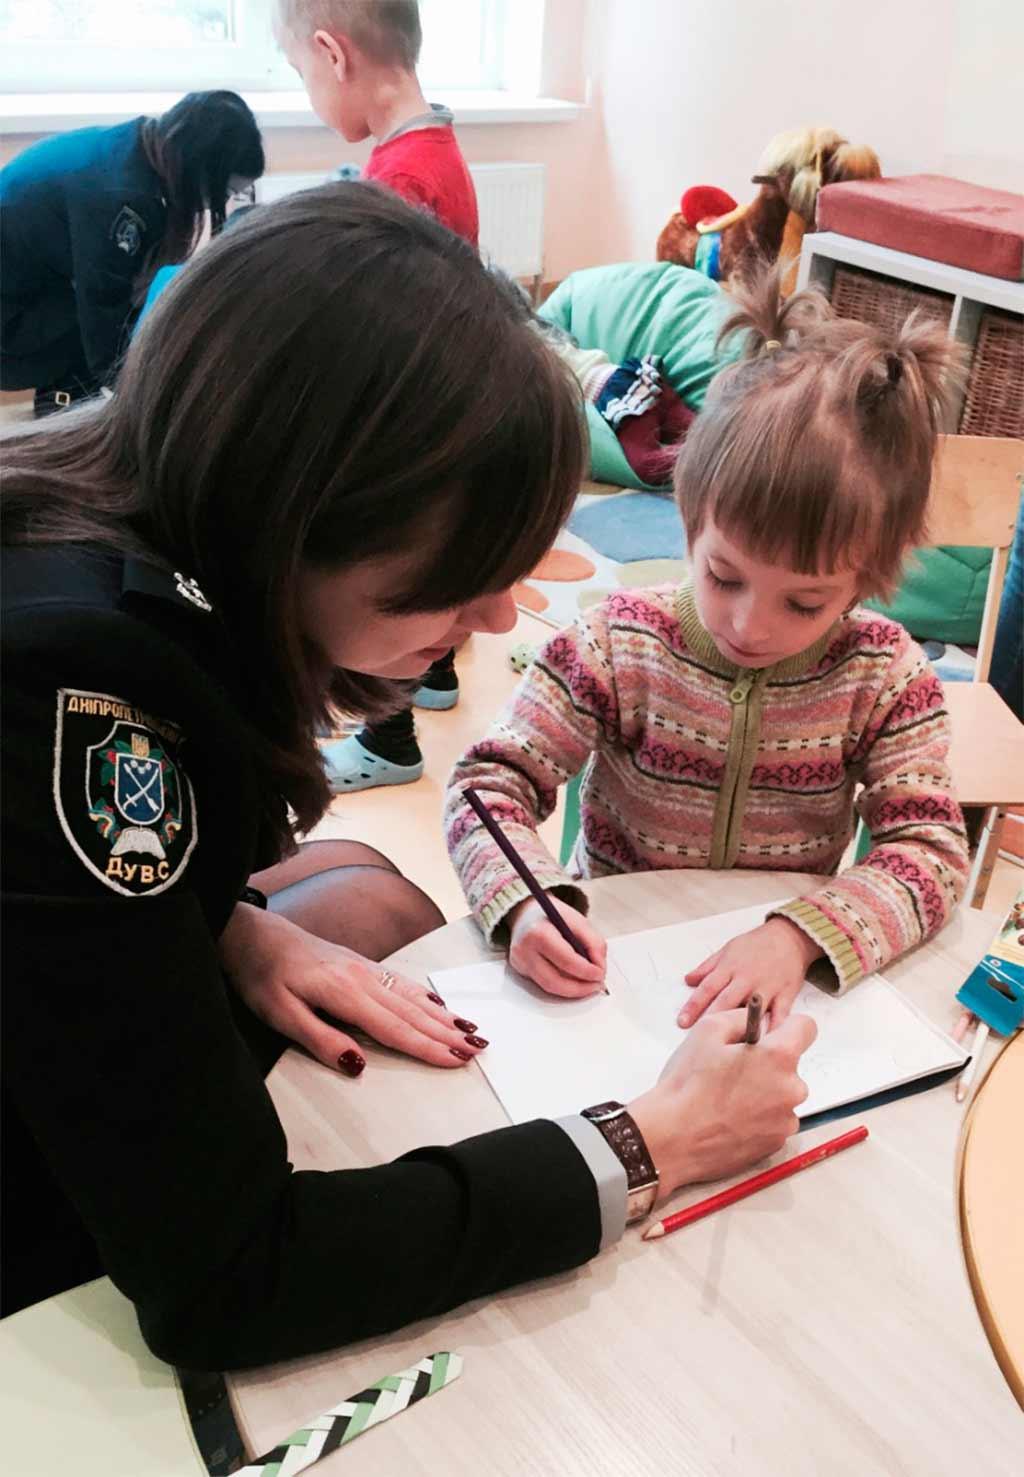 Шефи приїхали до дітей із подарунками, які знадобляться їм на уроках малювання.